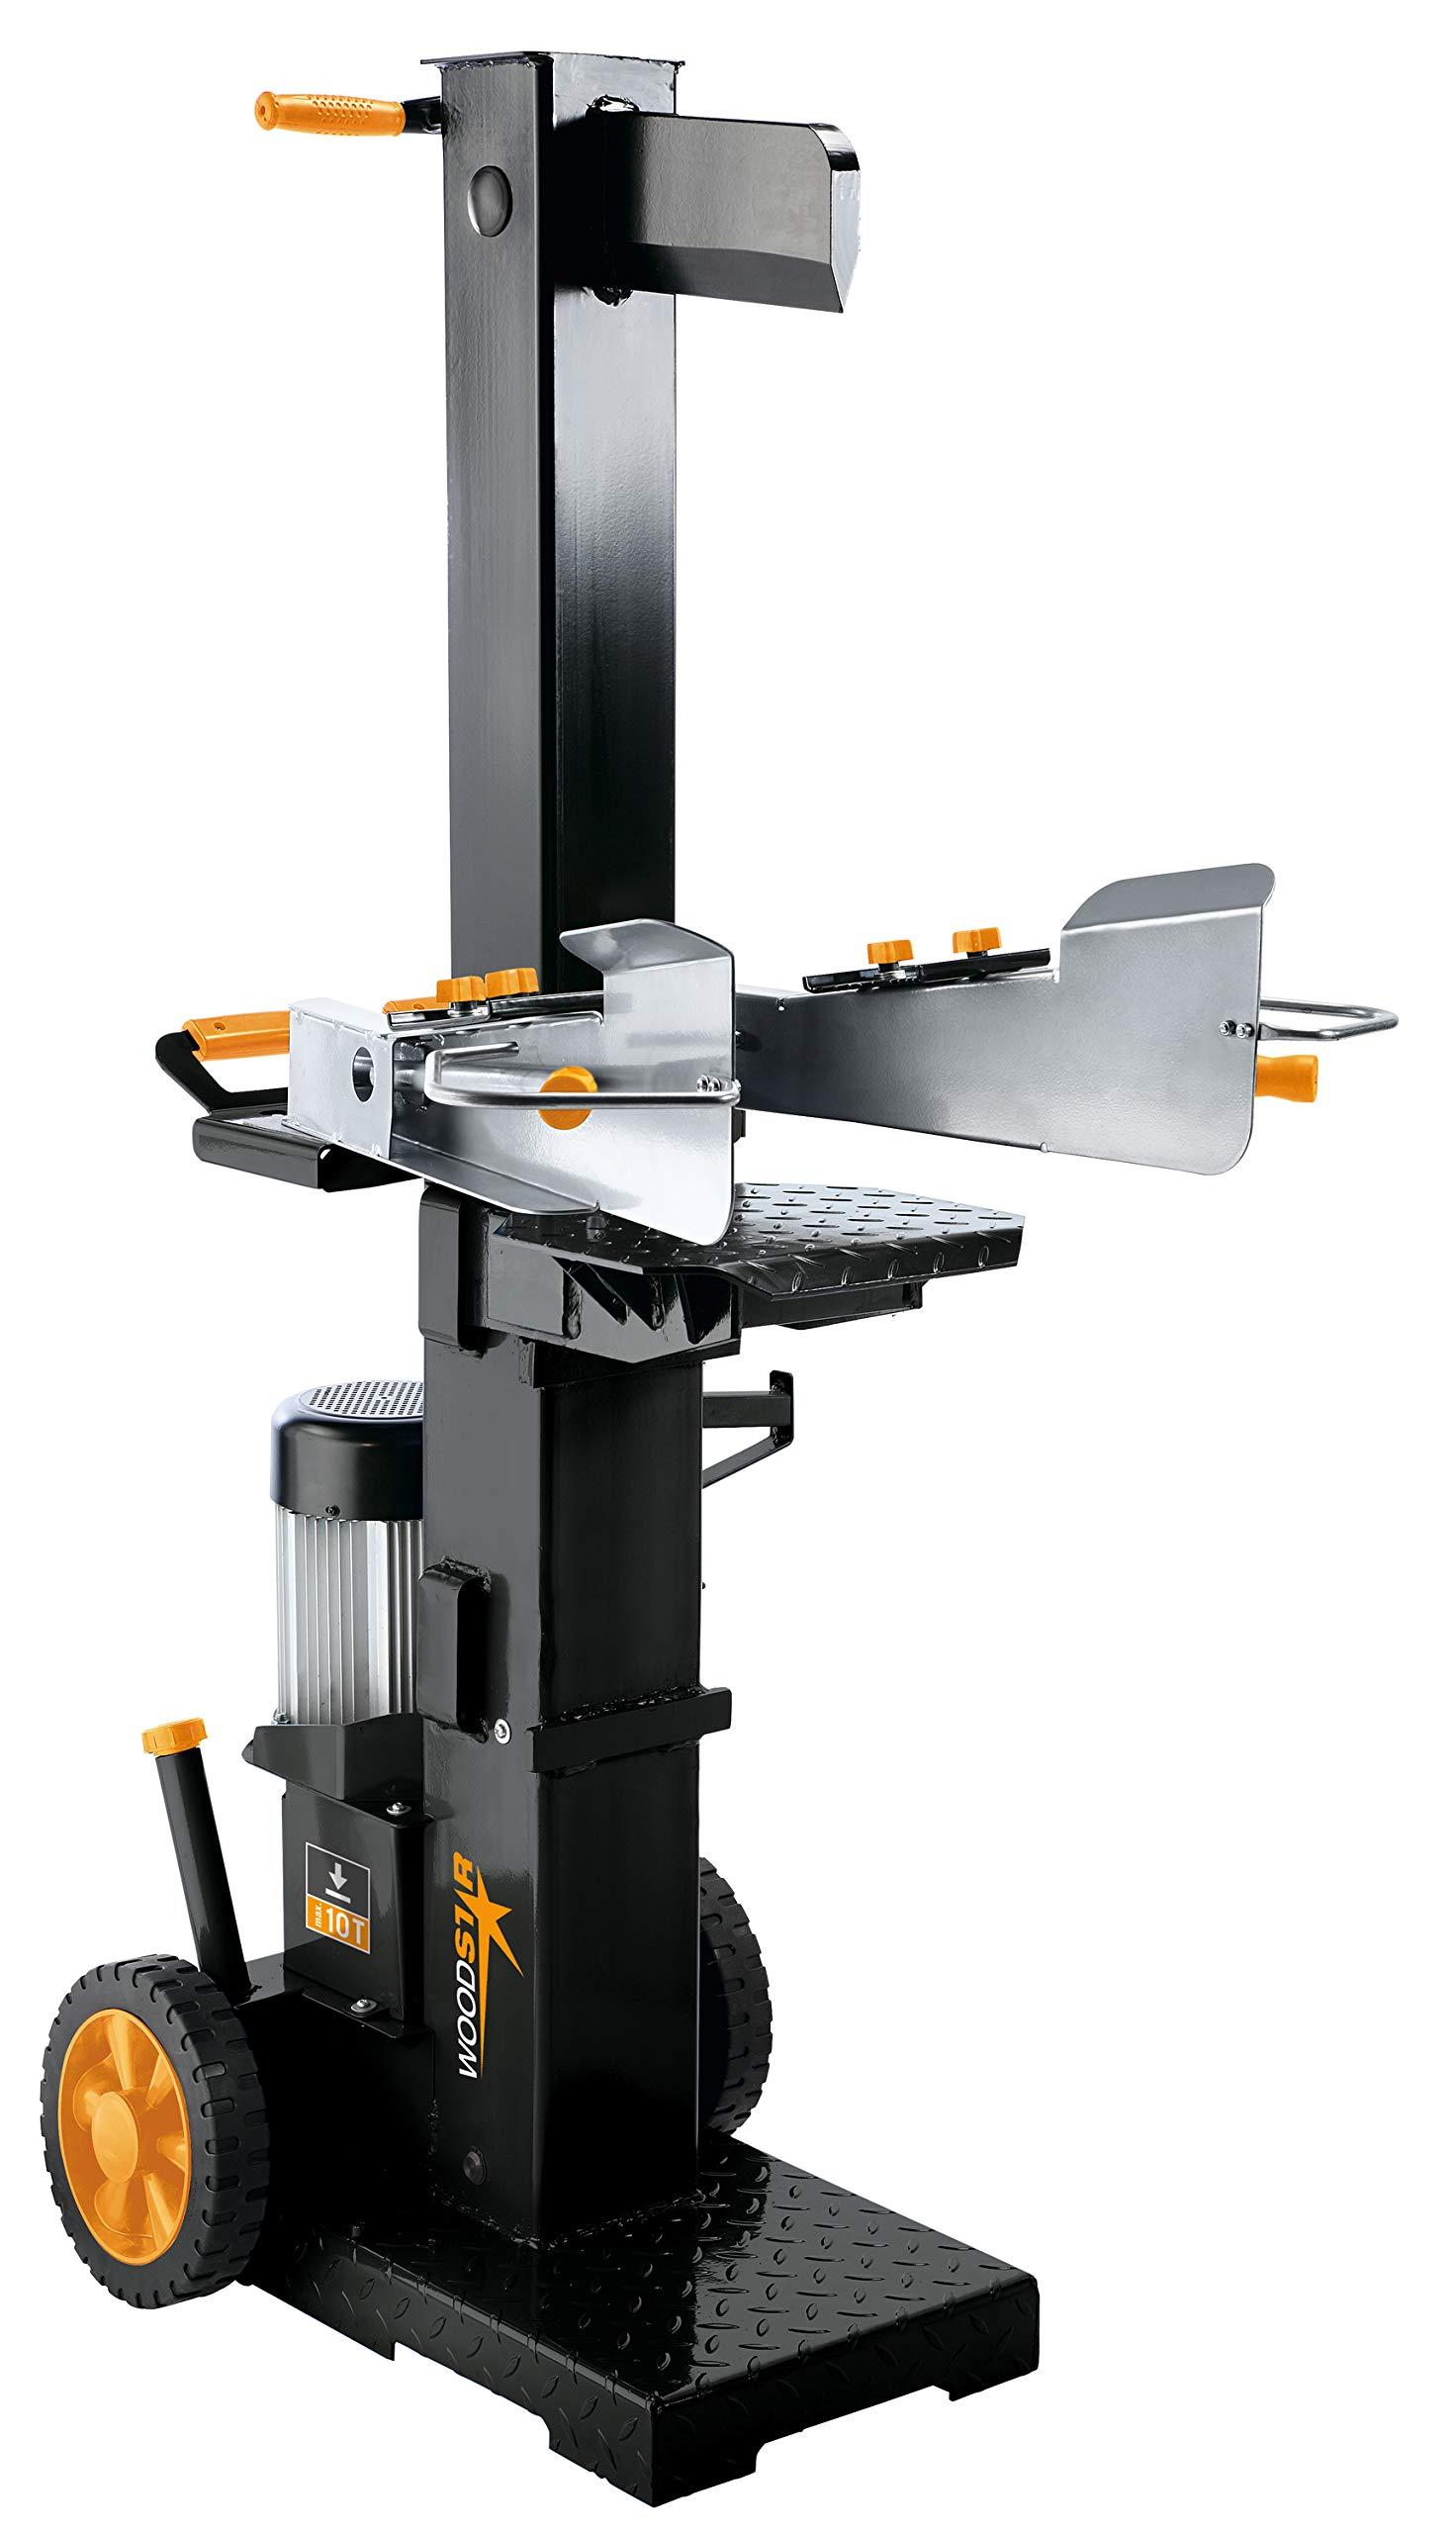 Scheppach Hydraulik Holzspalter LV10 (99510), Senkrechtspalter, 400 Volt/3300 Watt